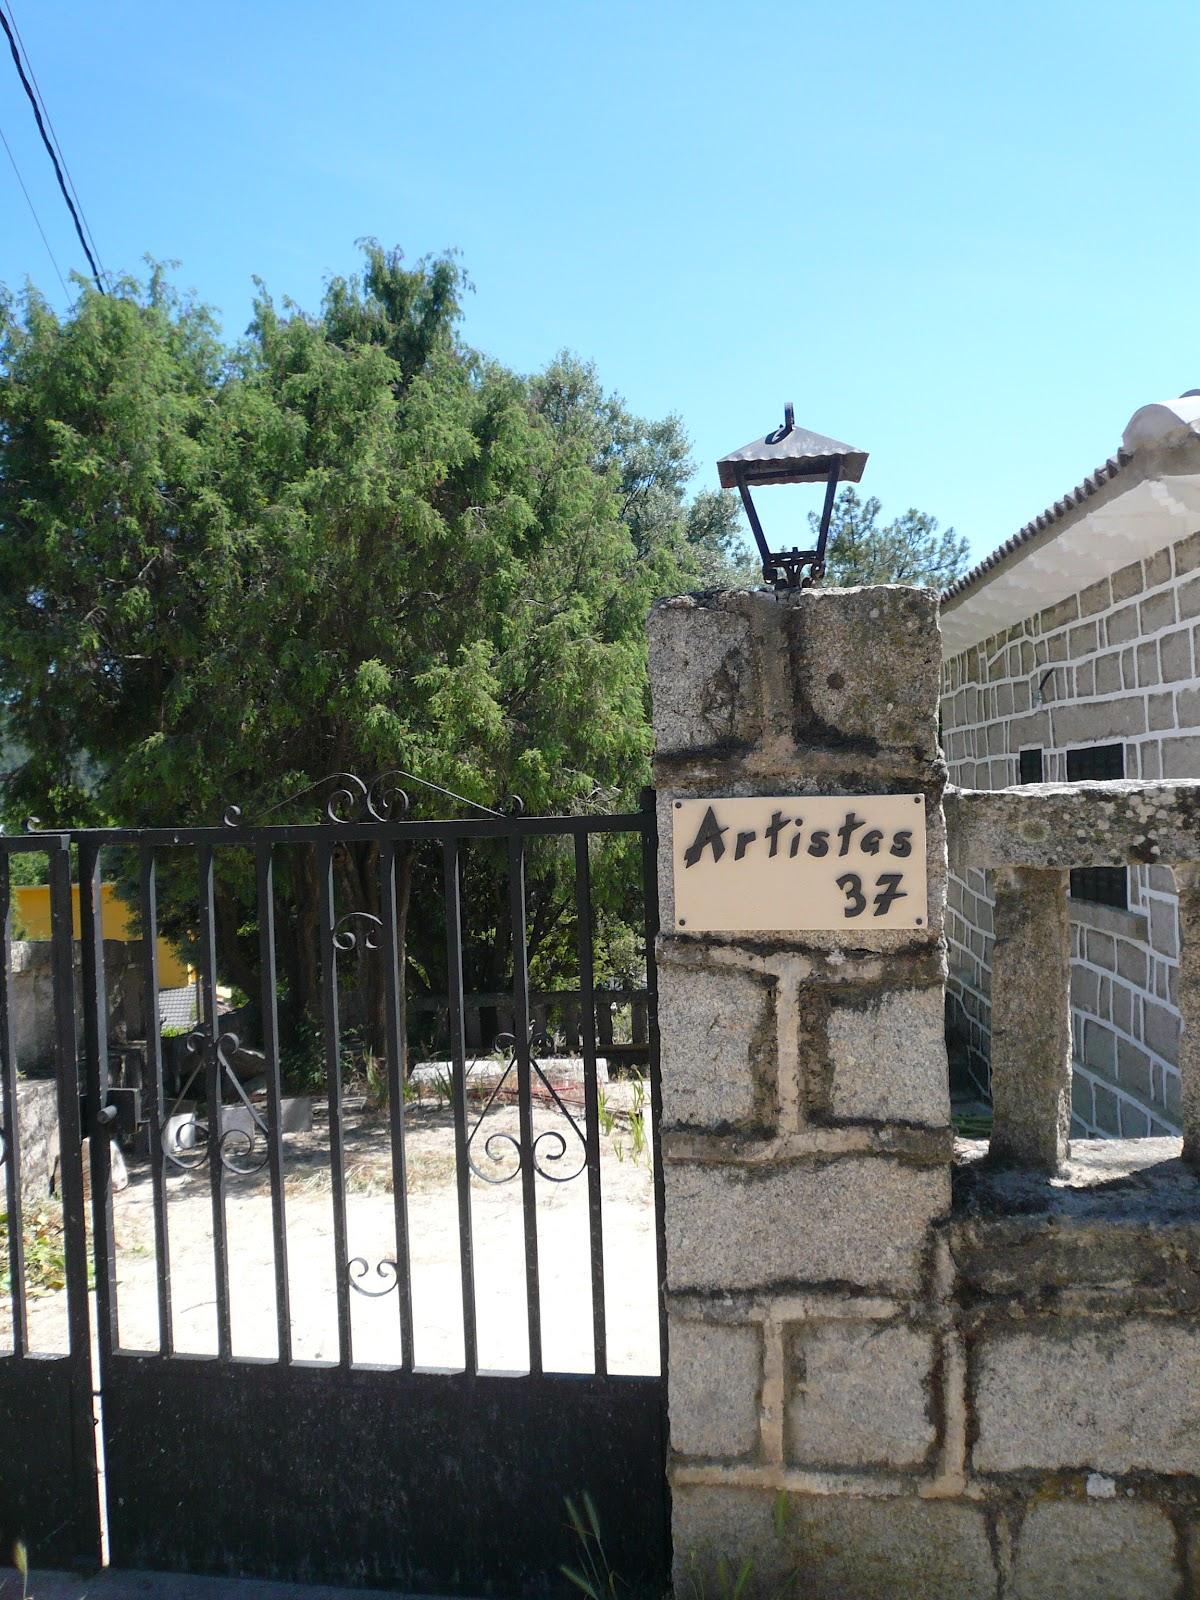 otro encargo un cartel de cermica para la fachada de una casita de piedra lleva el nombre de la calle y el nmero